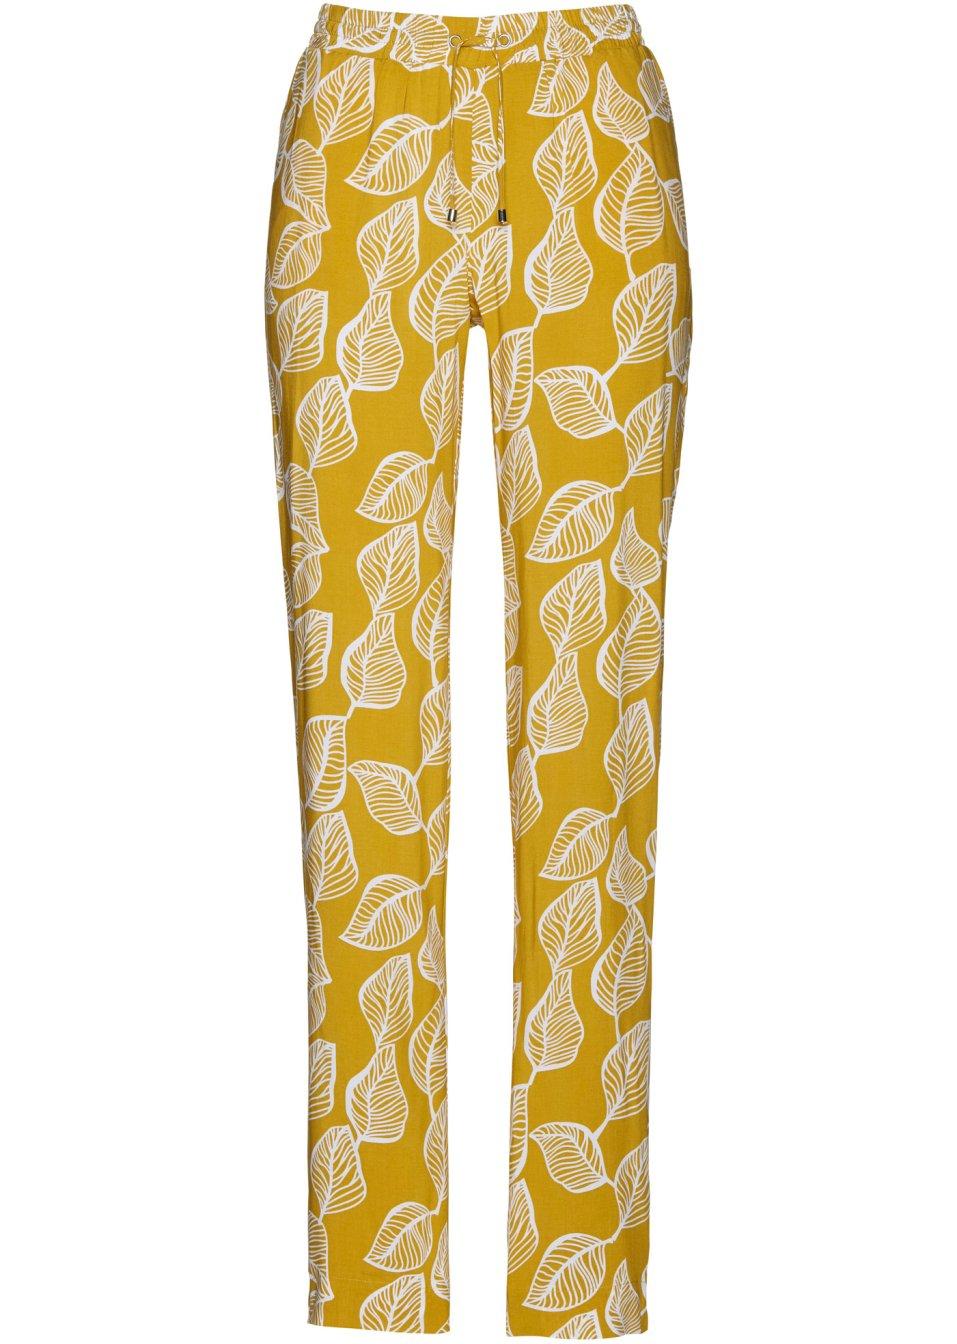 Ansprechende Gummizugbund-Hose mit ausgestelltem Bein und Alloverdruck - senfgelb/weiß bedruckt aD7pn VcpaU